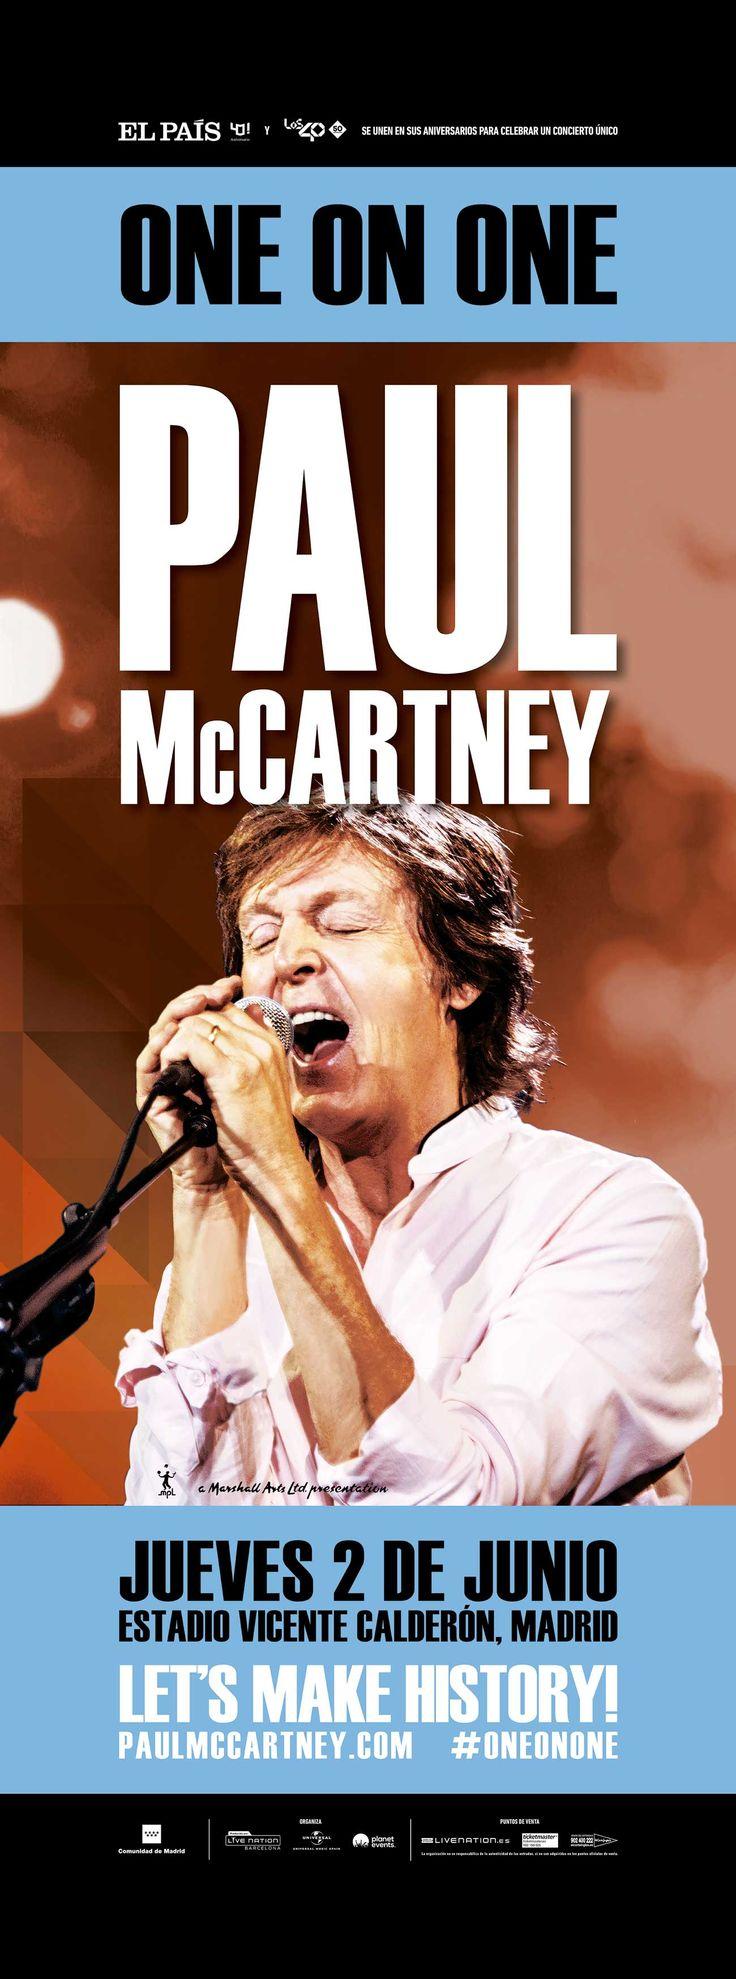 Campaña de publicidad exterior para la gira mundial One on One de Paul McCartney en Madrid, compuesta de quioscos de prensa y de autobús vinilado integral.